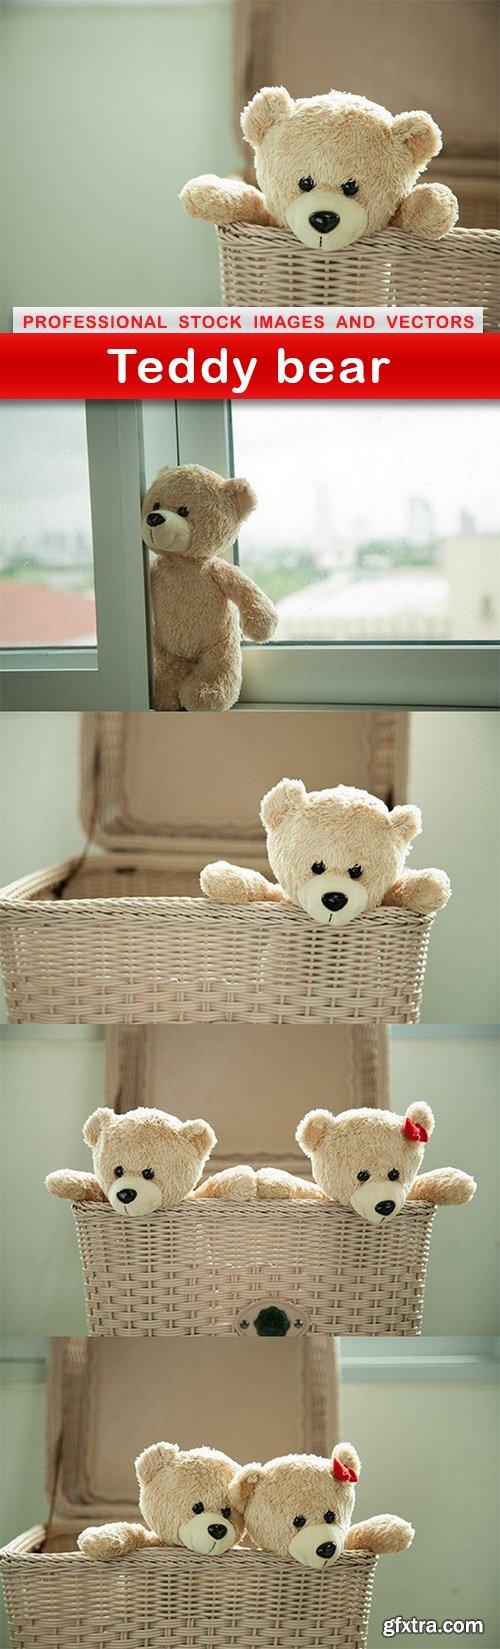 Teddy bear - 5 UHQ JPEG